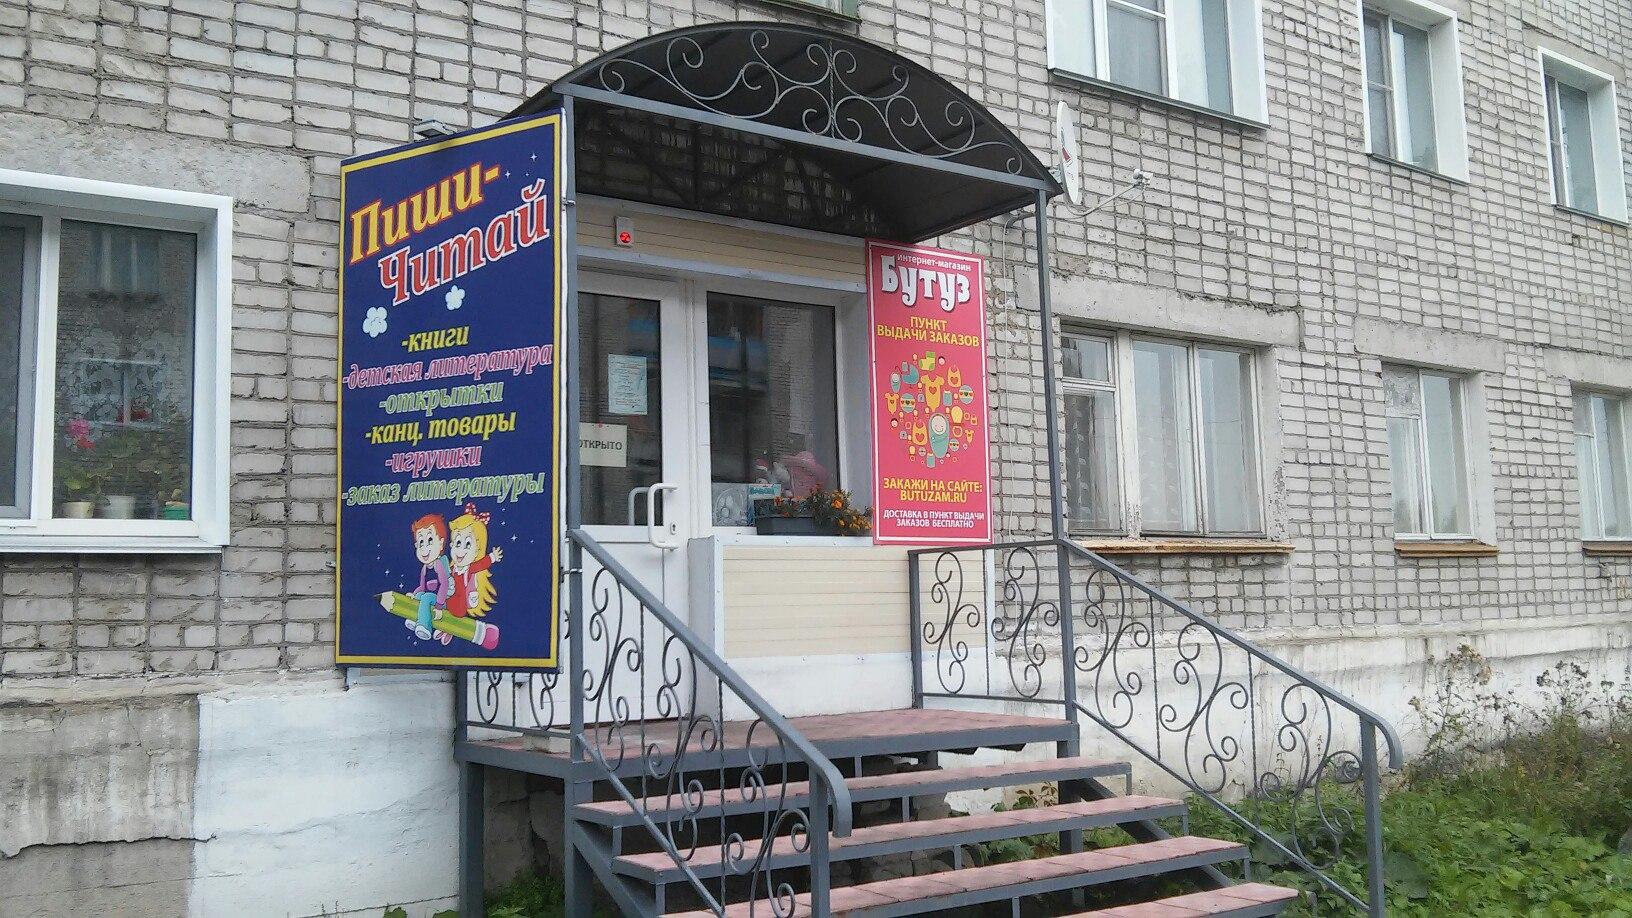 магазин Пиши-читай Кировская обл, Верхнекамский р-н, г Кирс, ул Широнина, д 10